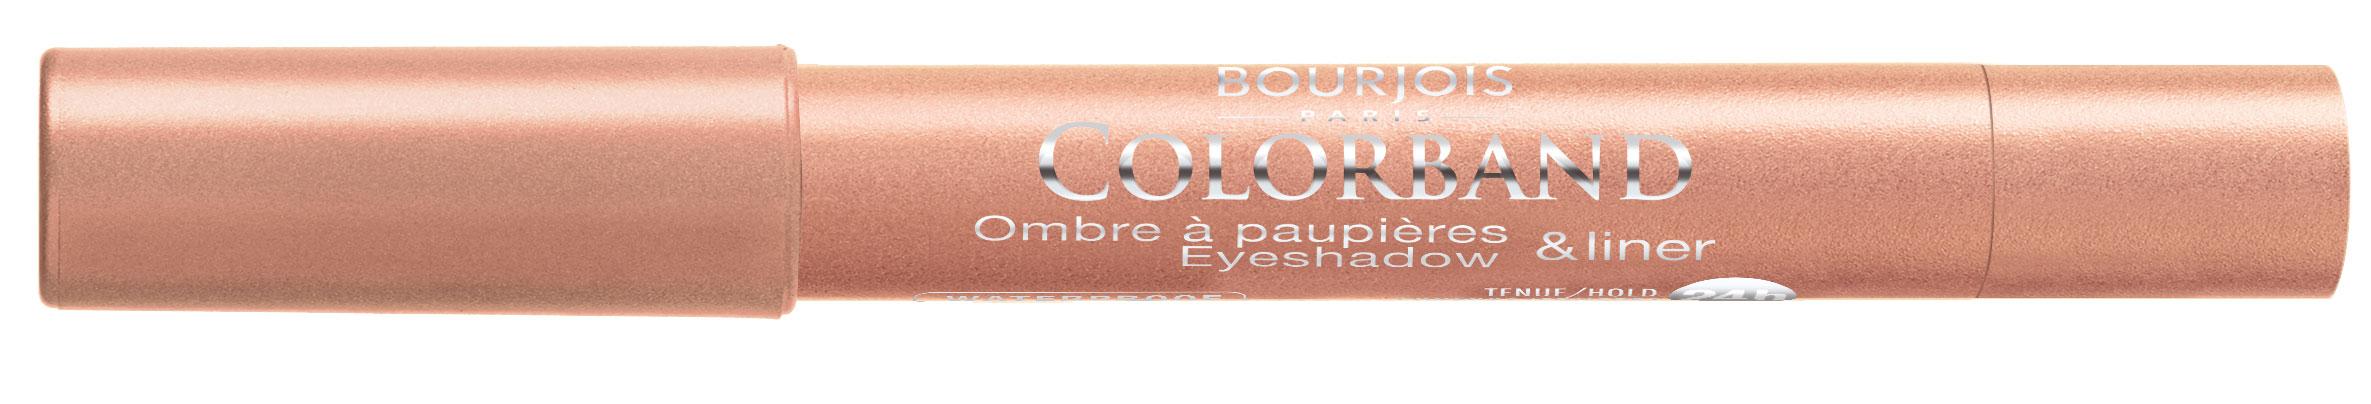 Colorband, tono 04 Rose Fauviste.